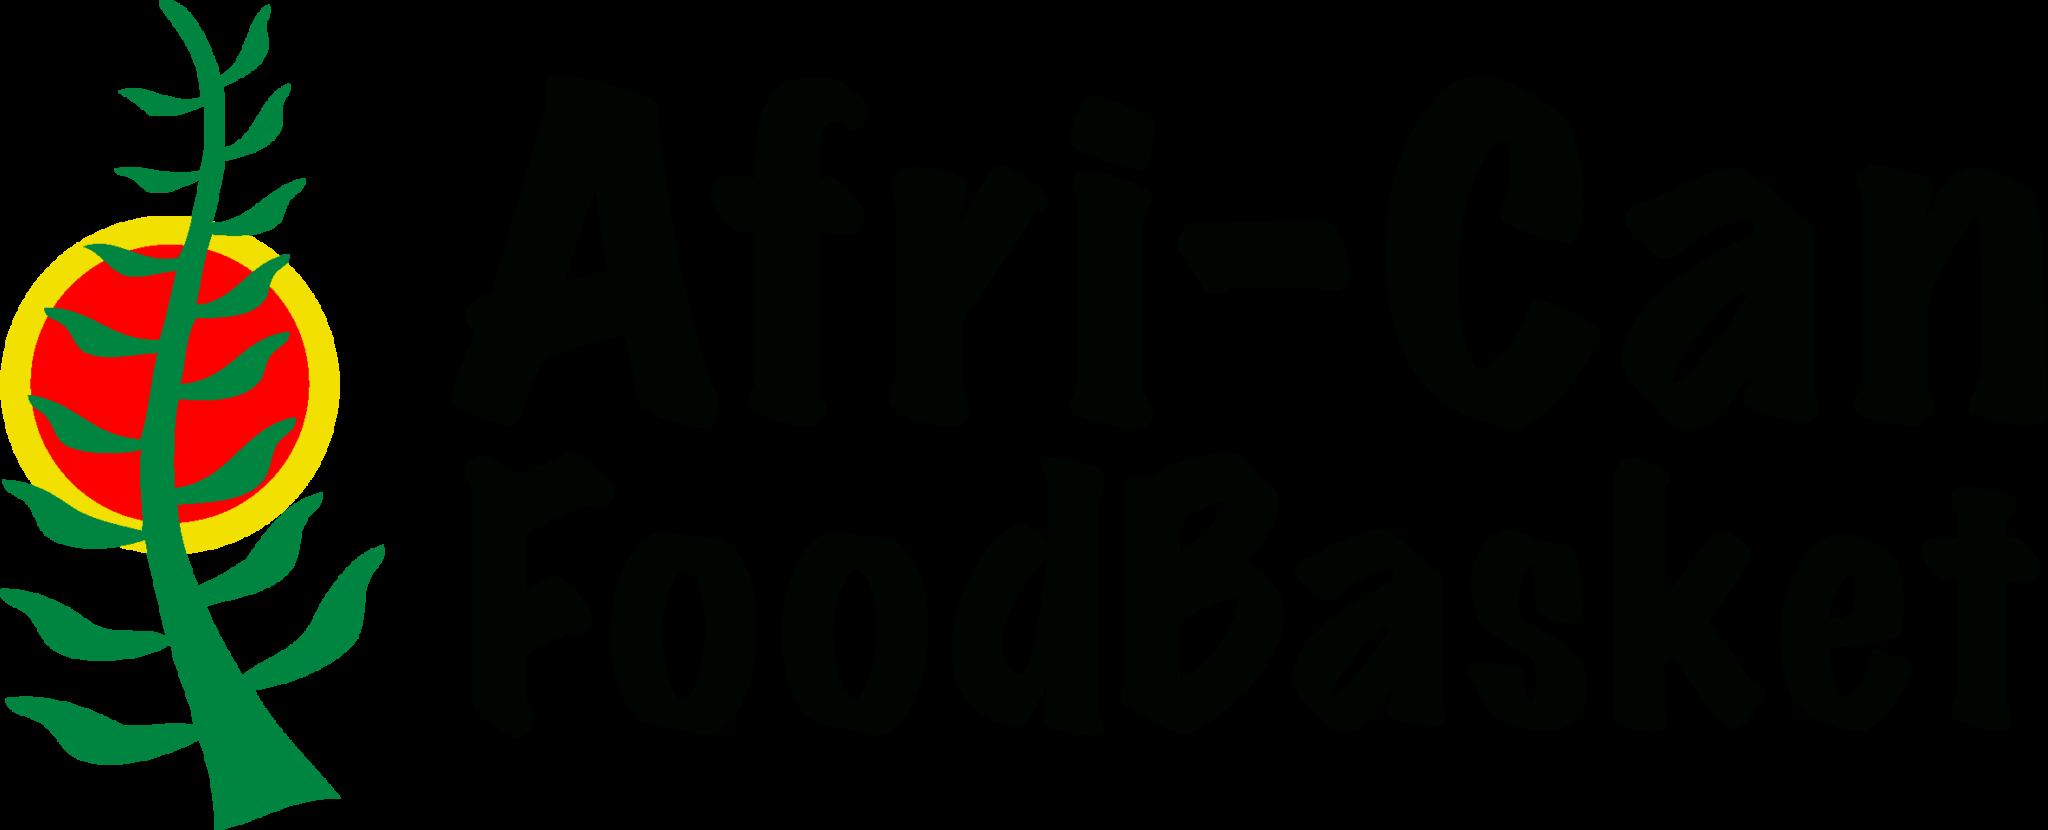 afb-logo-2019-2048x830